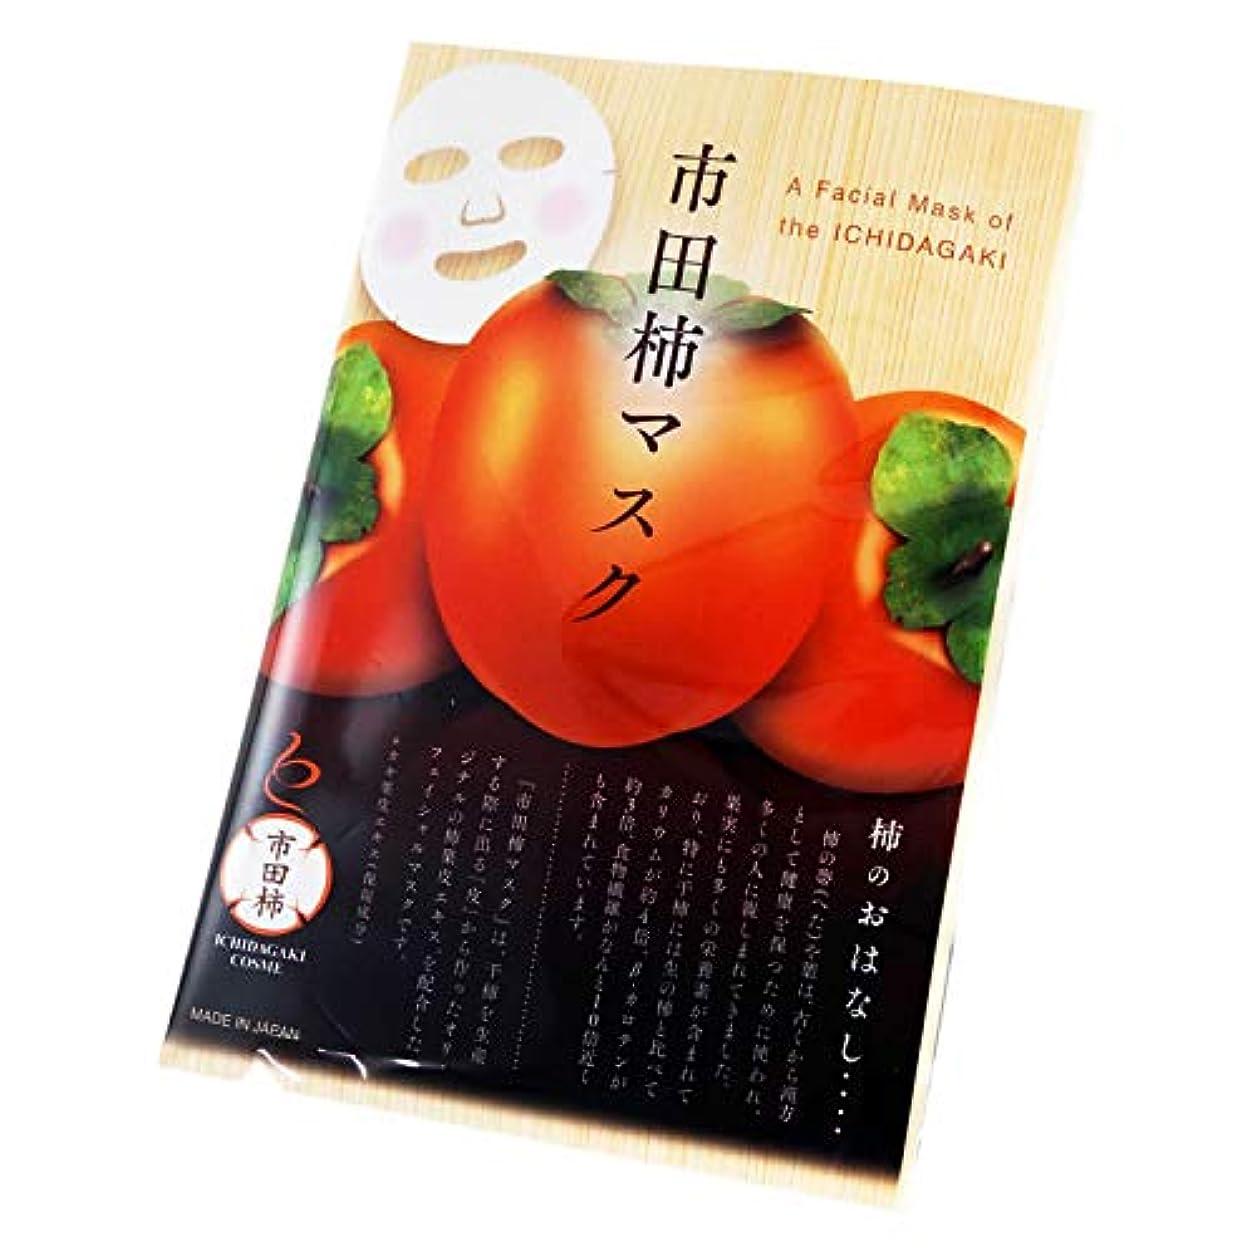 カレンダー西治世市田柿コスメ フェイスマスク 1枚